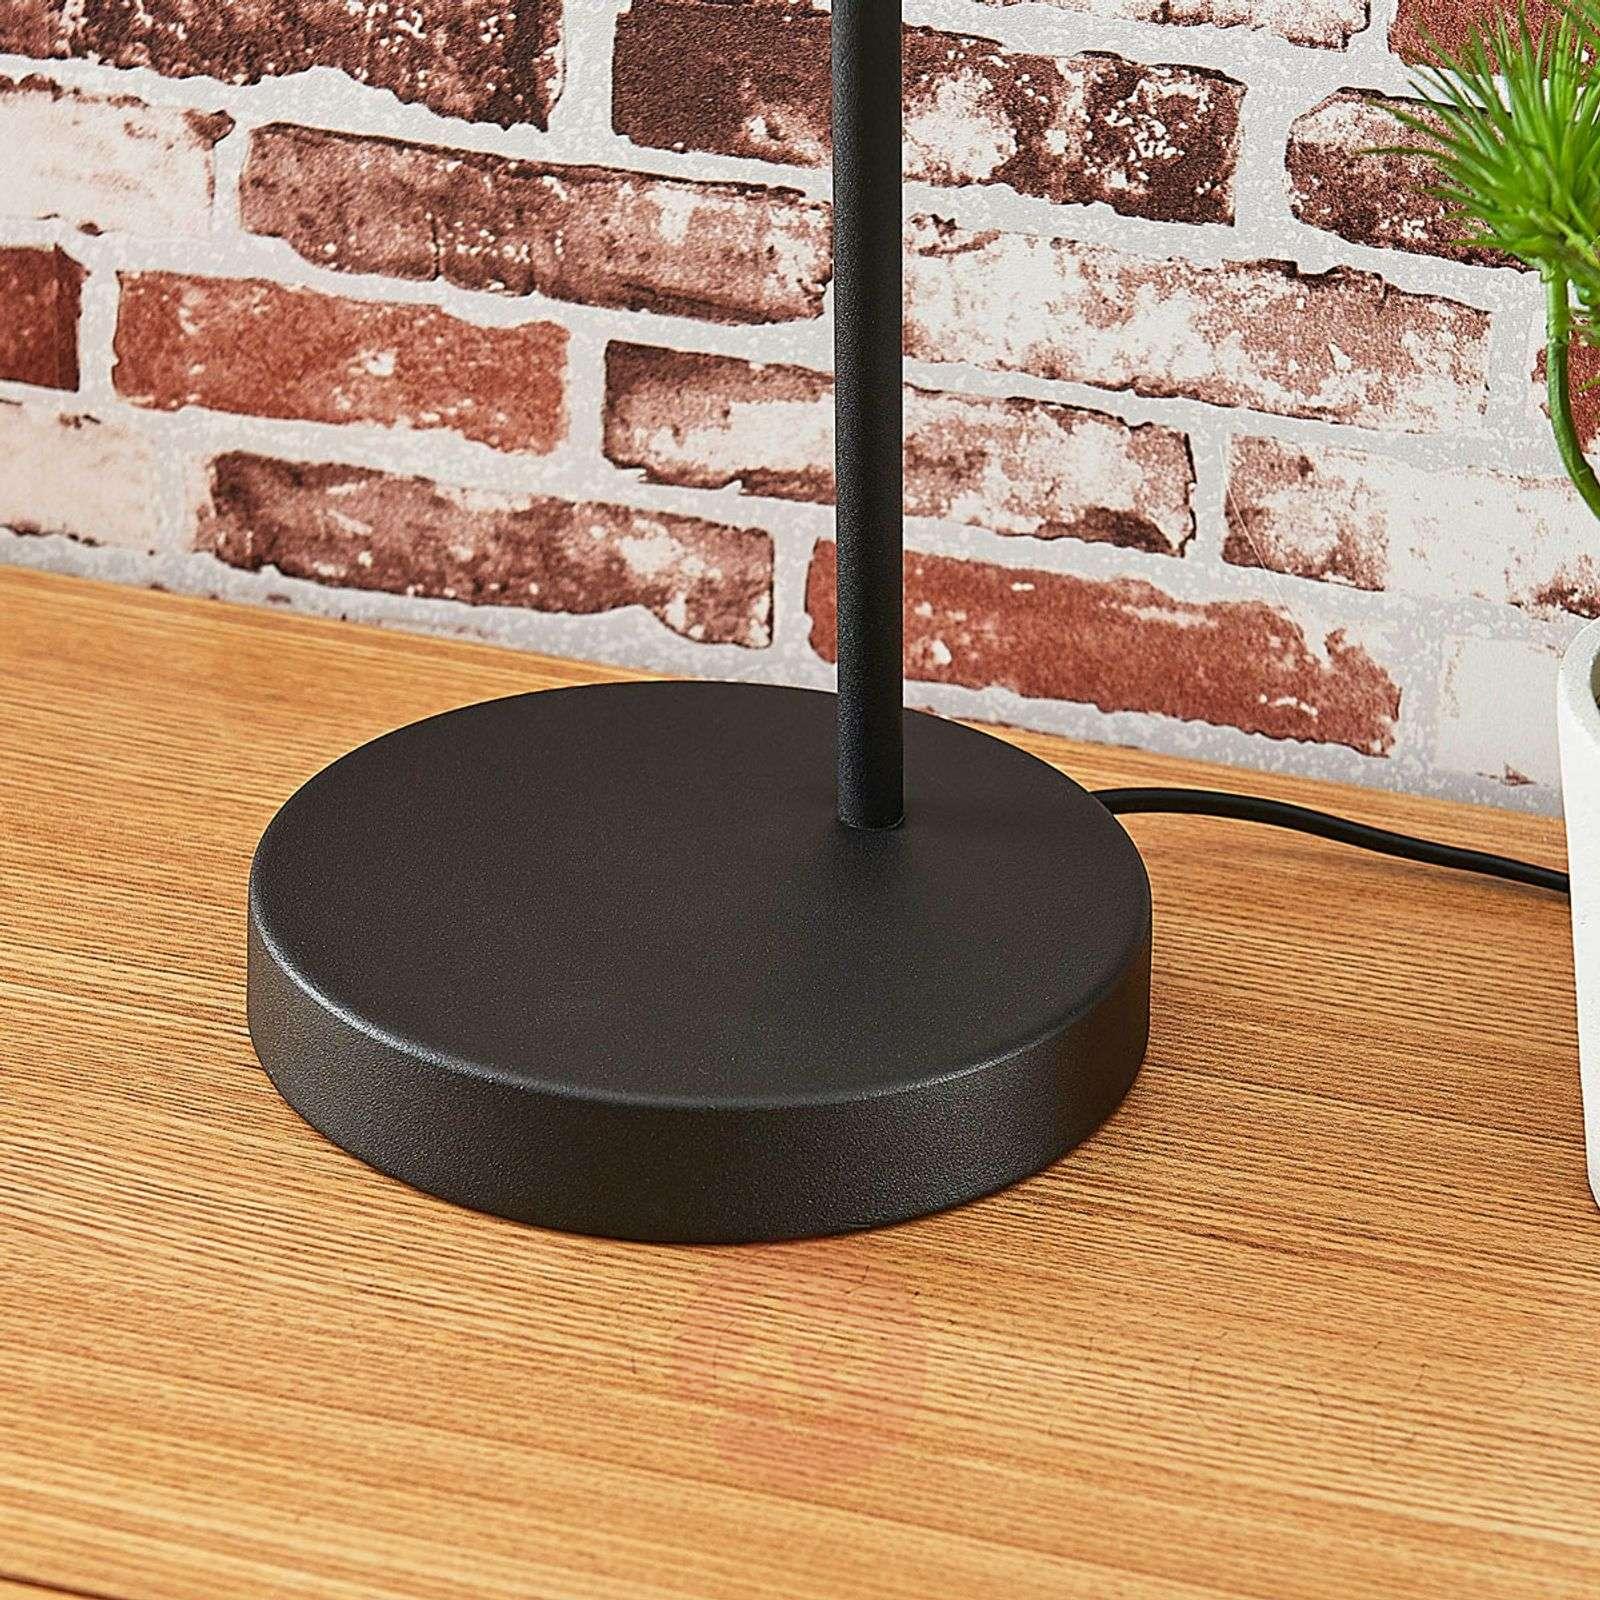 Black-gold metal table lamp Morik-9624014-02